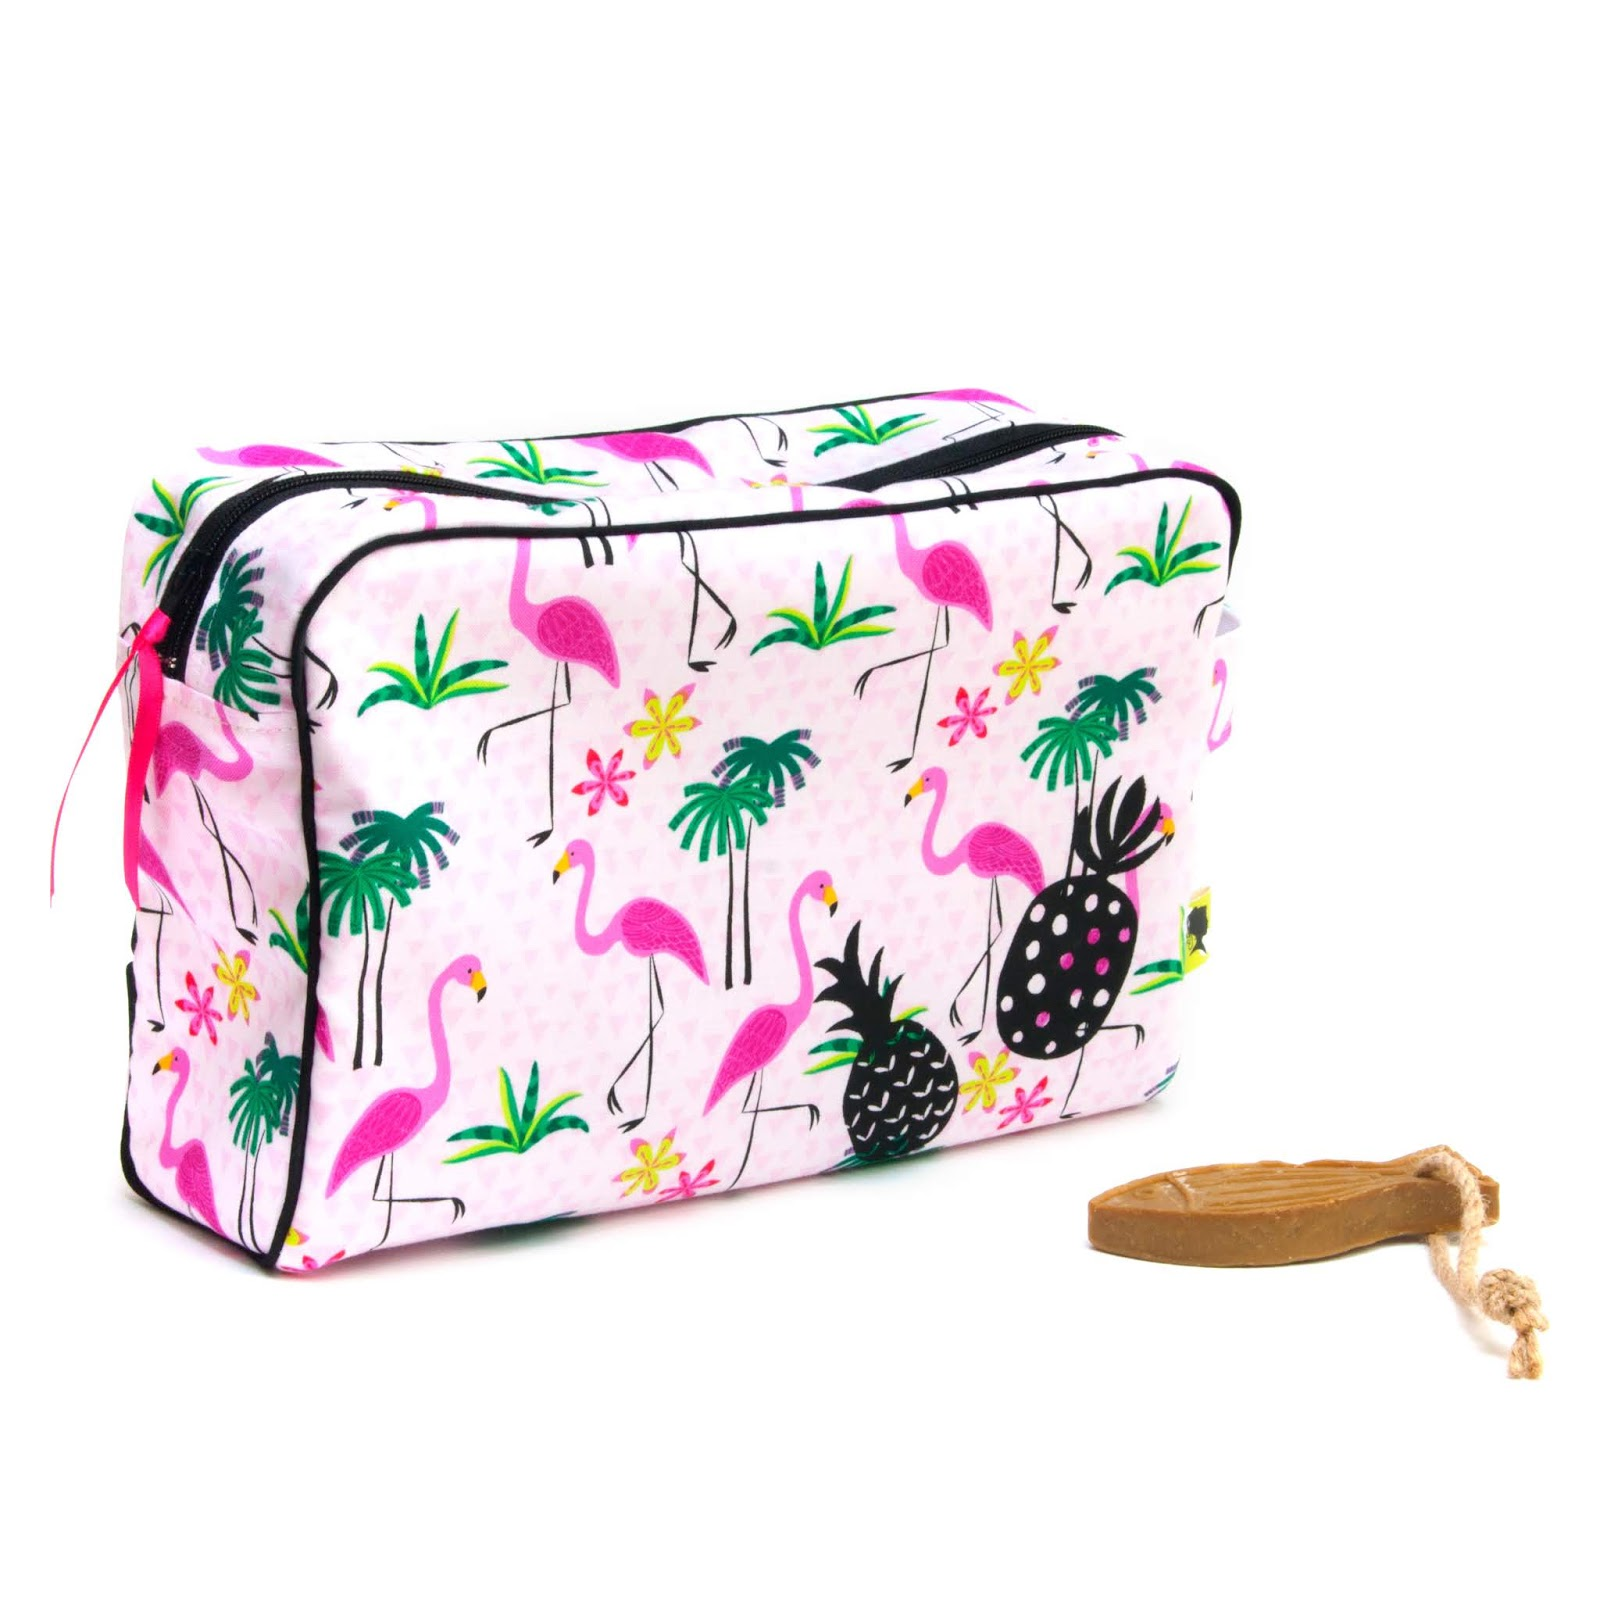 Trousse de toilette bébé, enfant, fait main, cadeau de naissance, grande fermeture zippée, tissu flamants roses, motif ananas, 24x8x16 cm